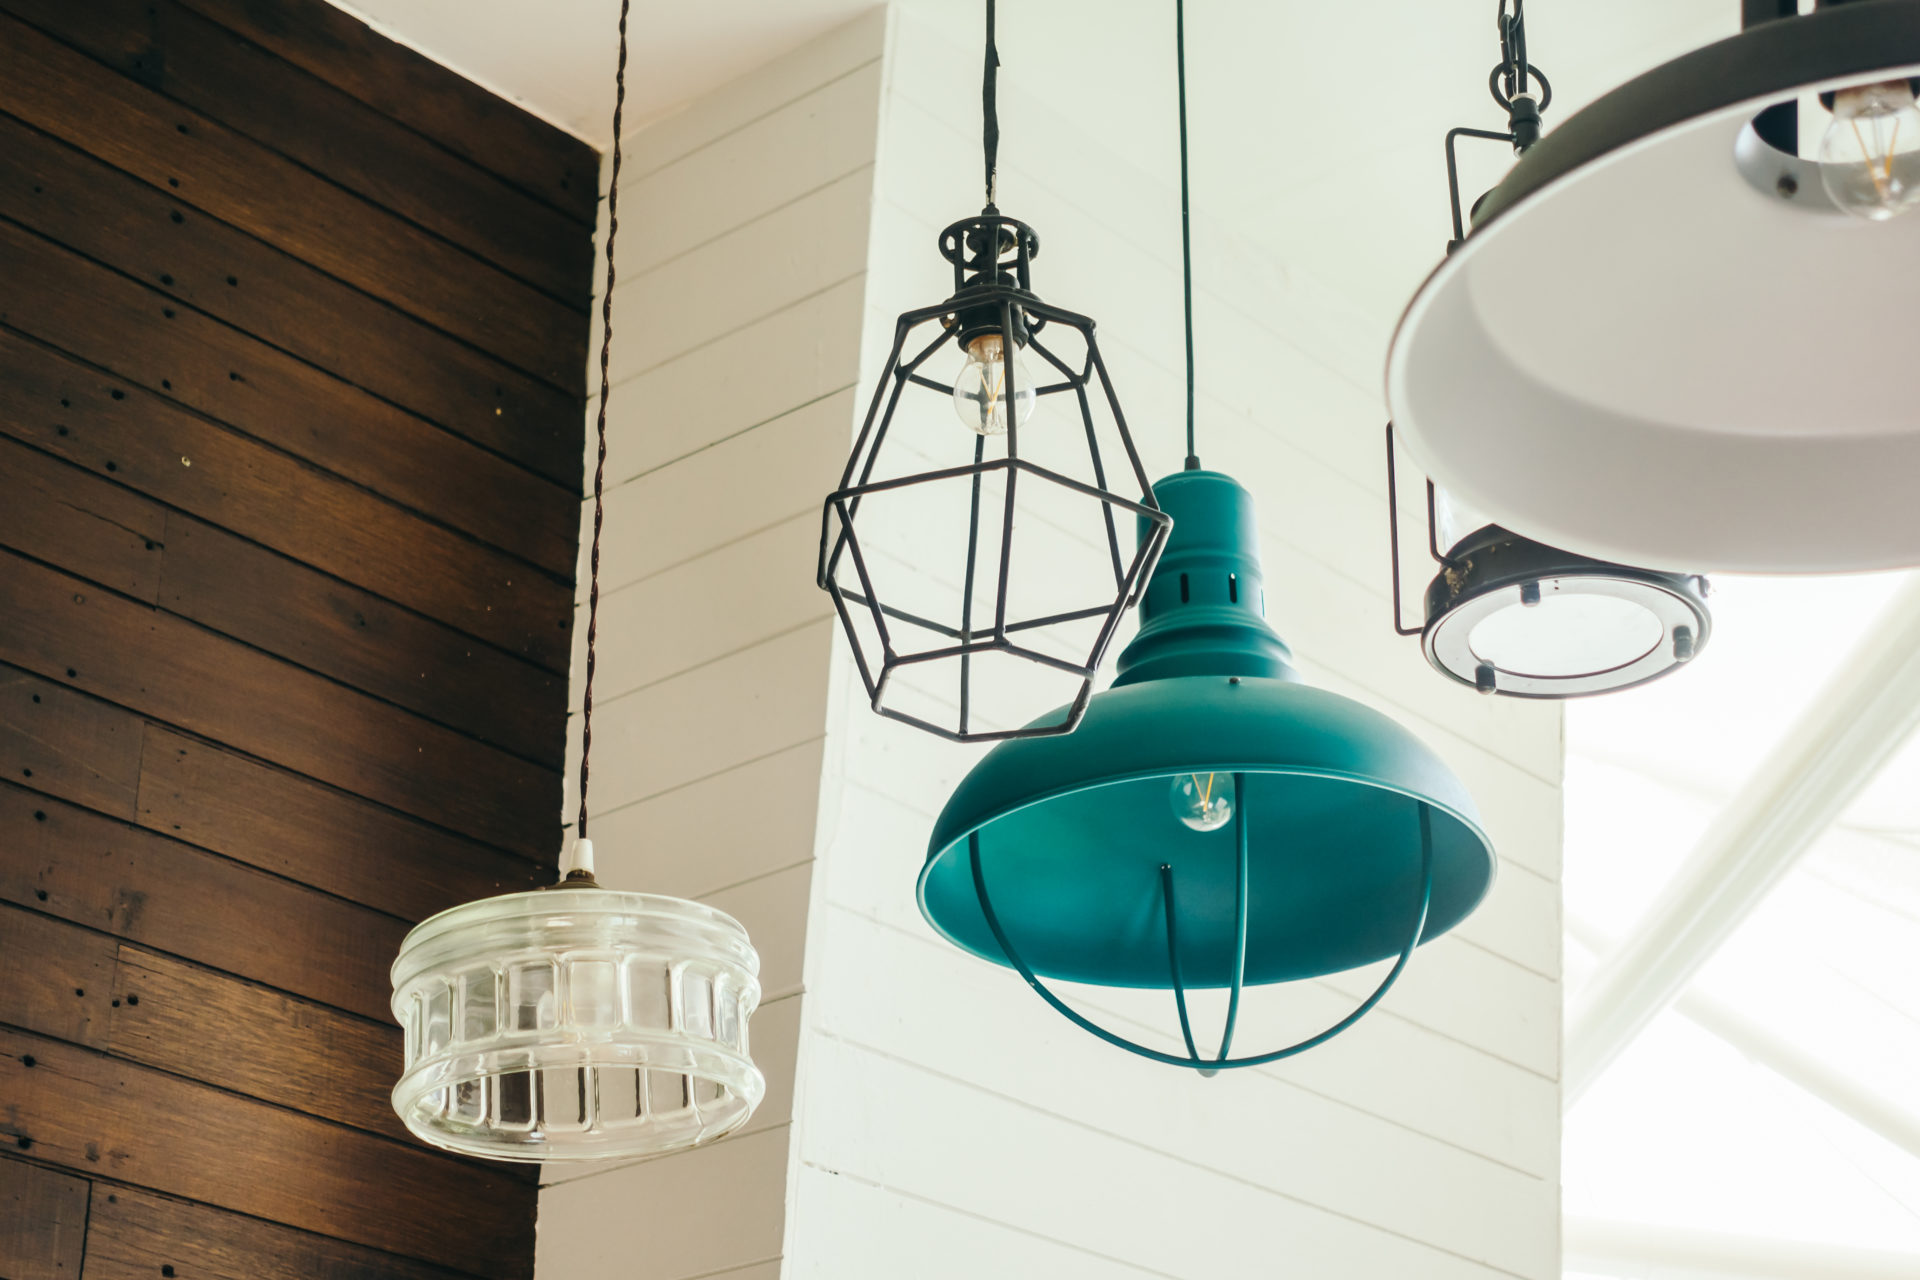 Lampen für jeden Wohnstil – So findest du die passende Lampe für dein Zuhause